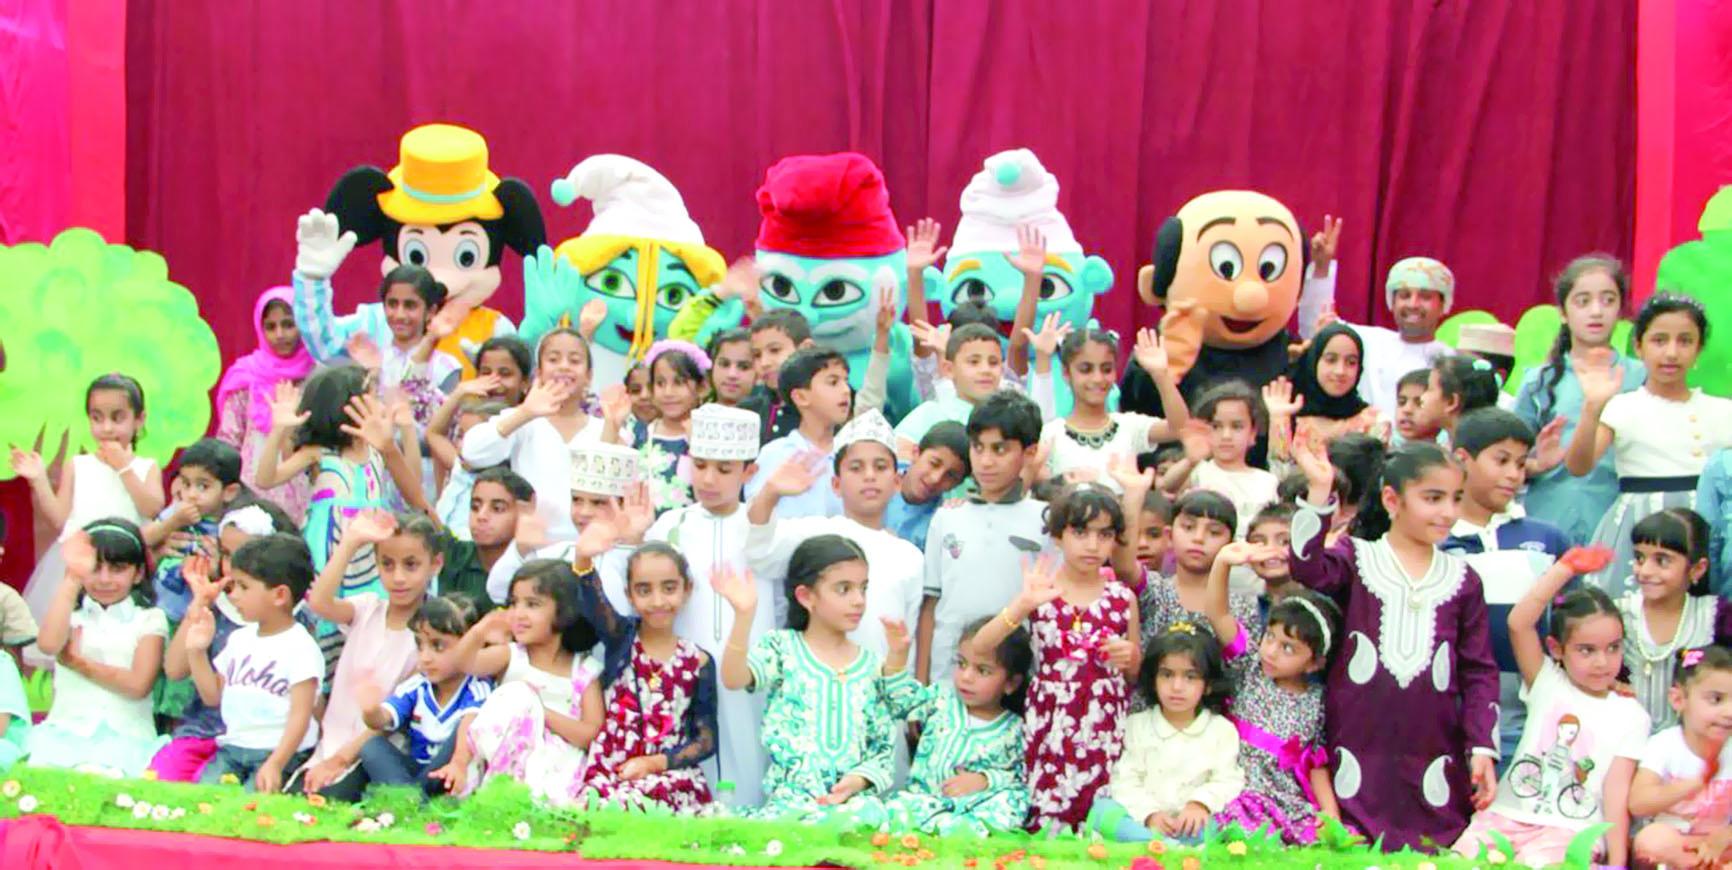 فرقة هواة الخشبة تعرض مسرحية السنافر بالرستاق